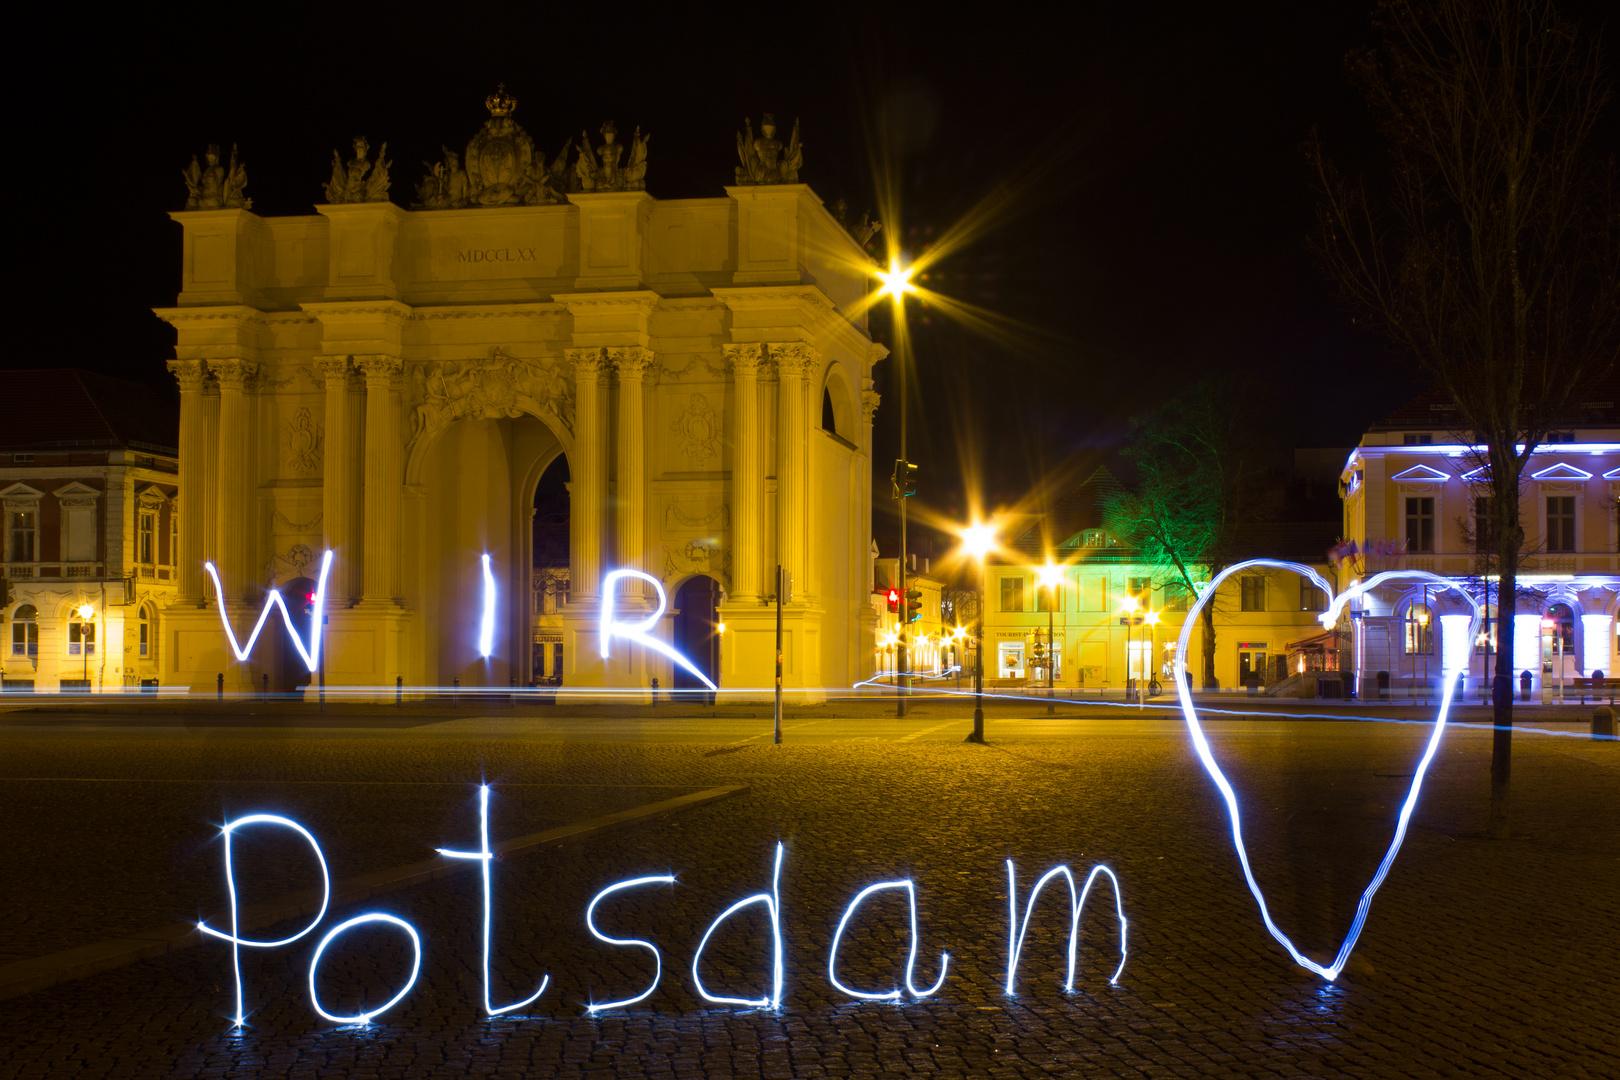 Wir lieben Potsdam